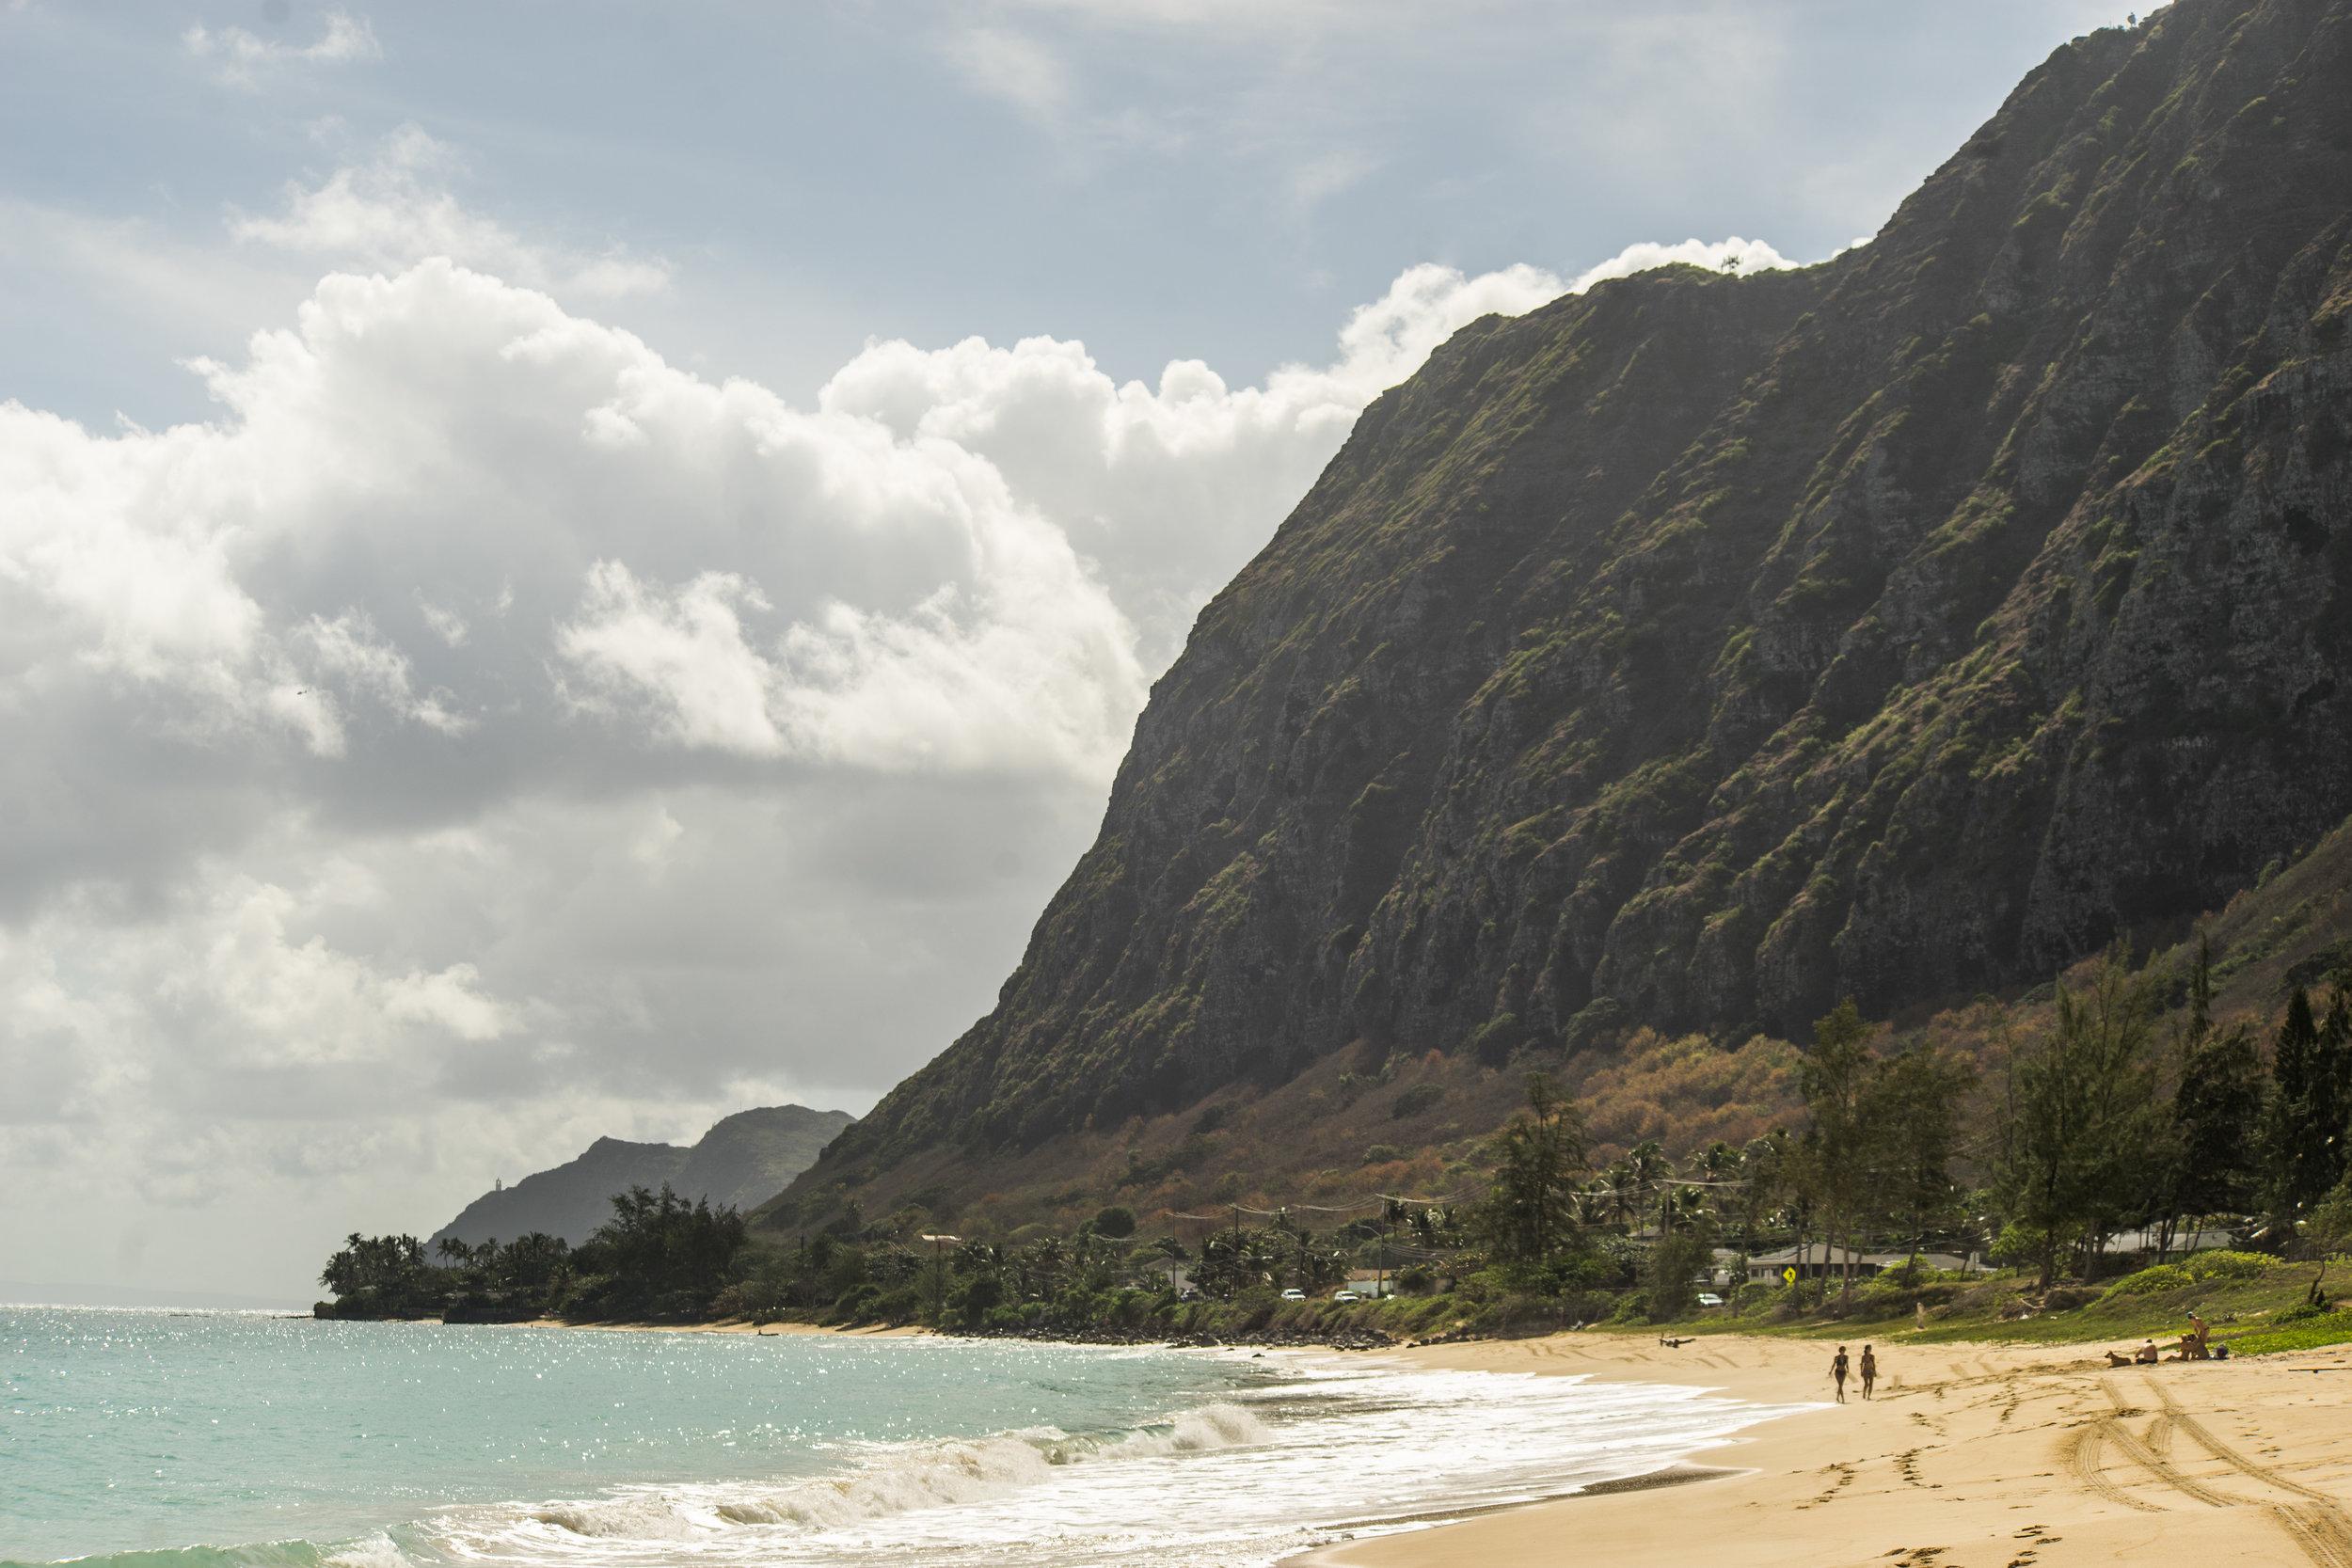 Waimonalo Beach, Oahu